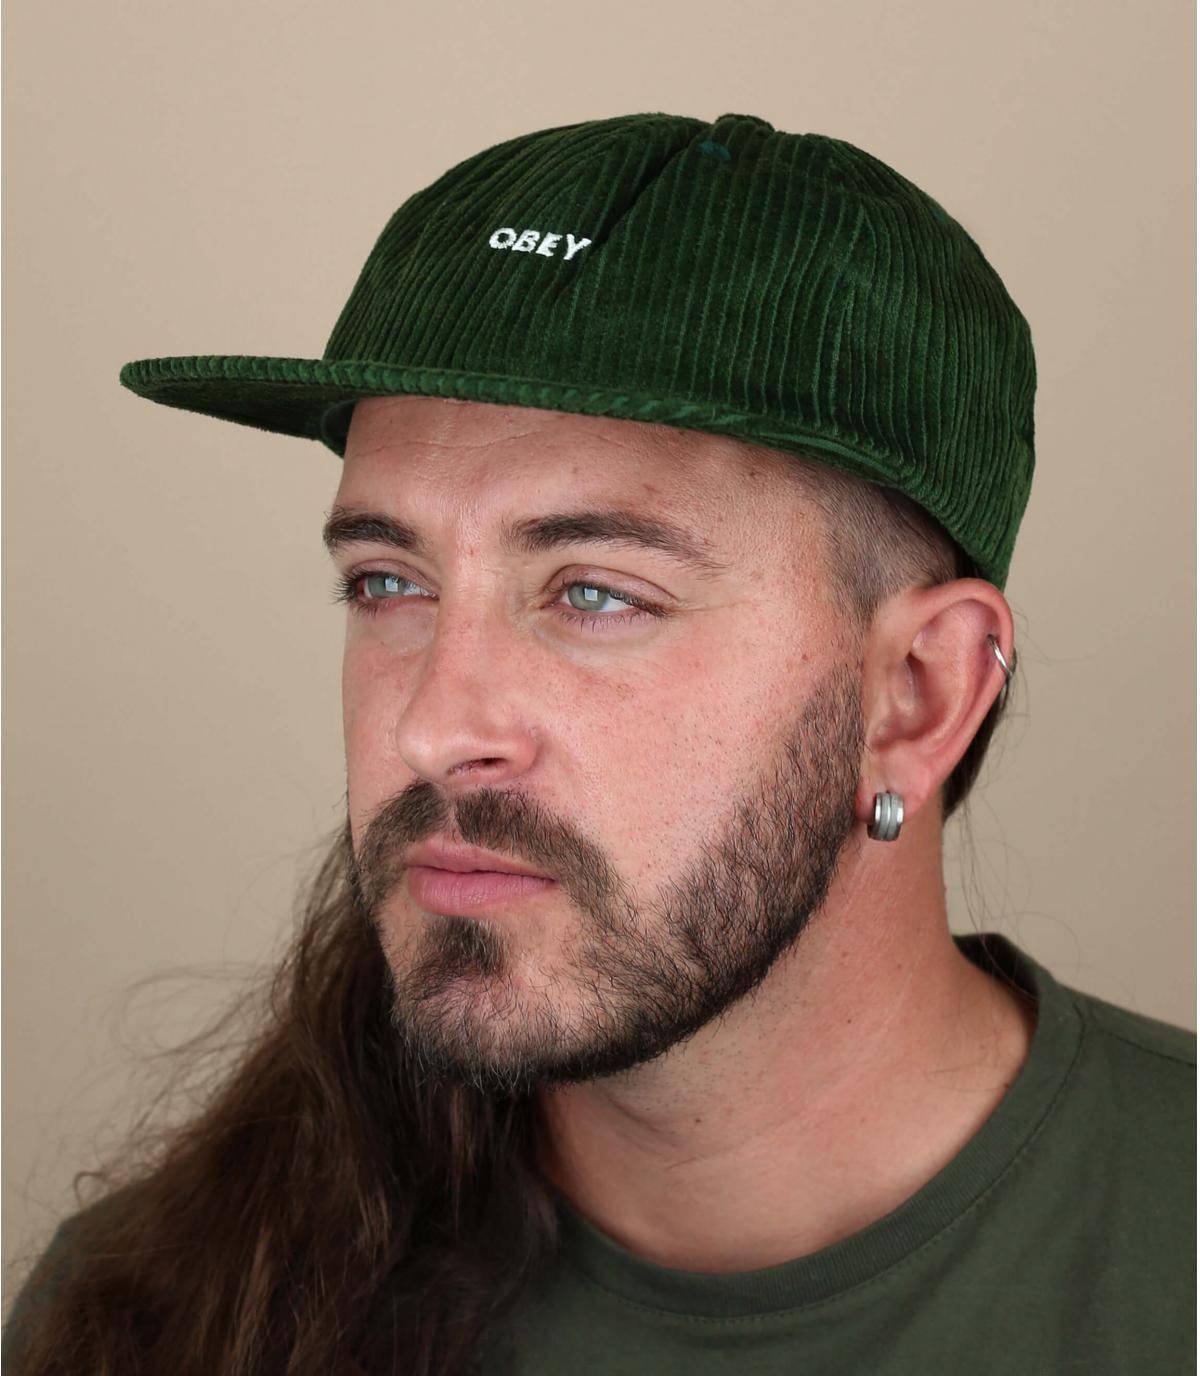 groene fluwelen Obey cap